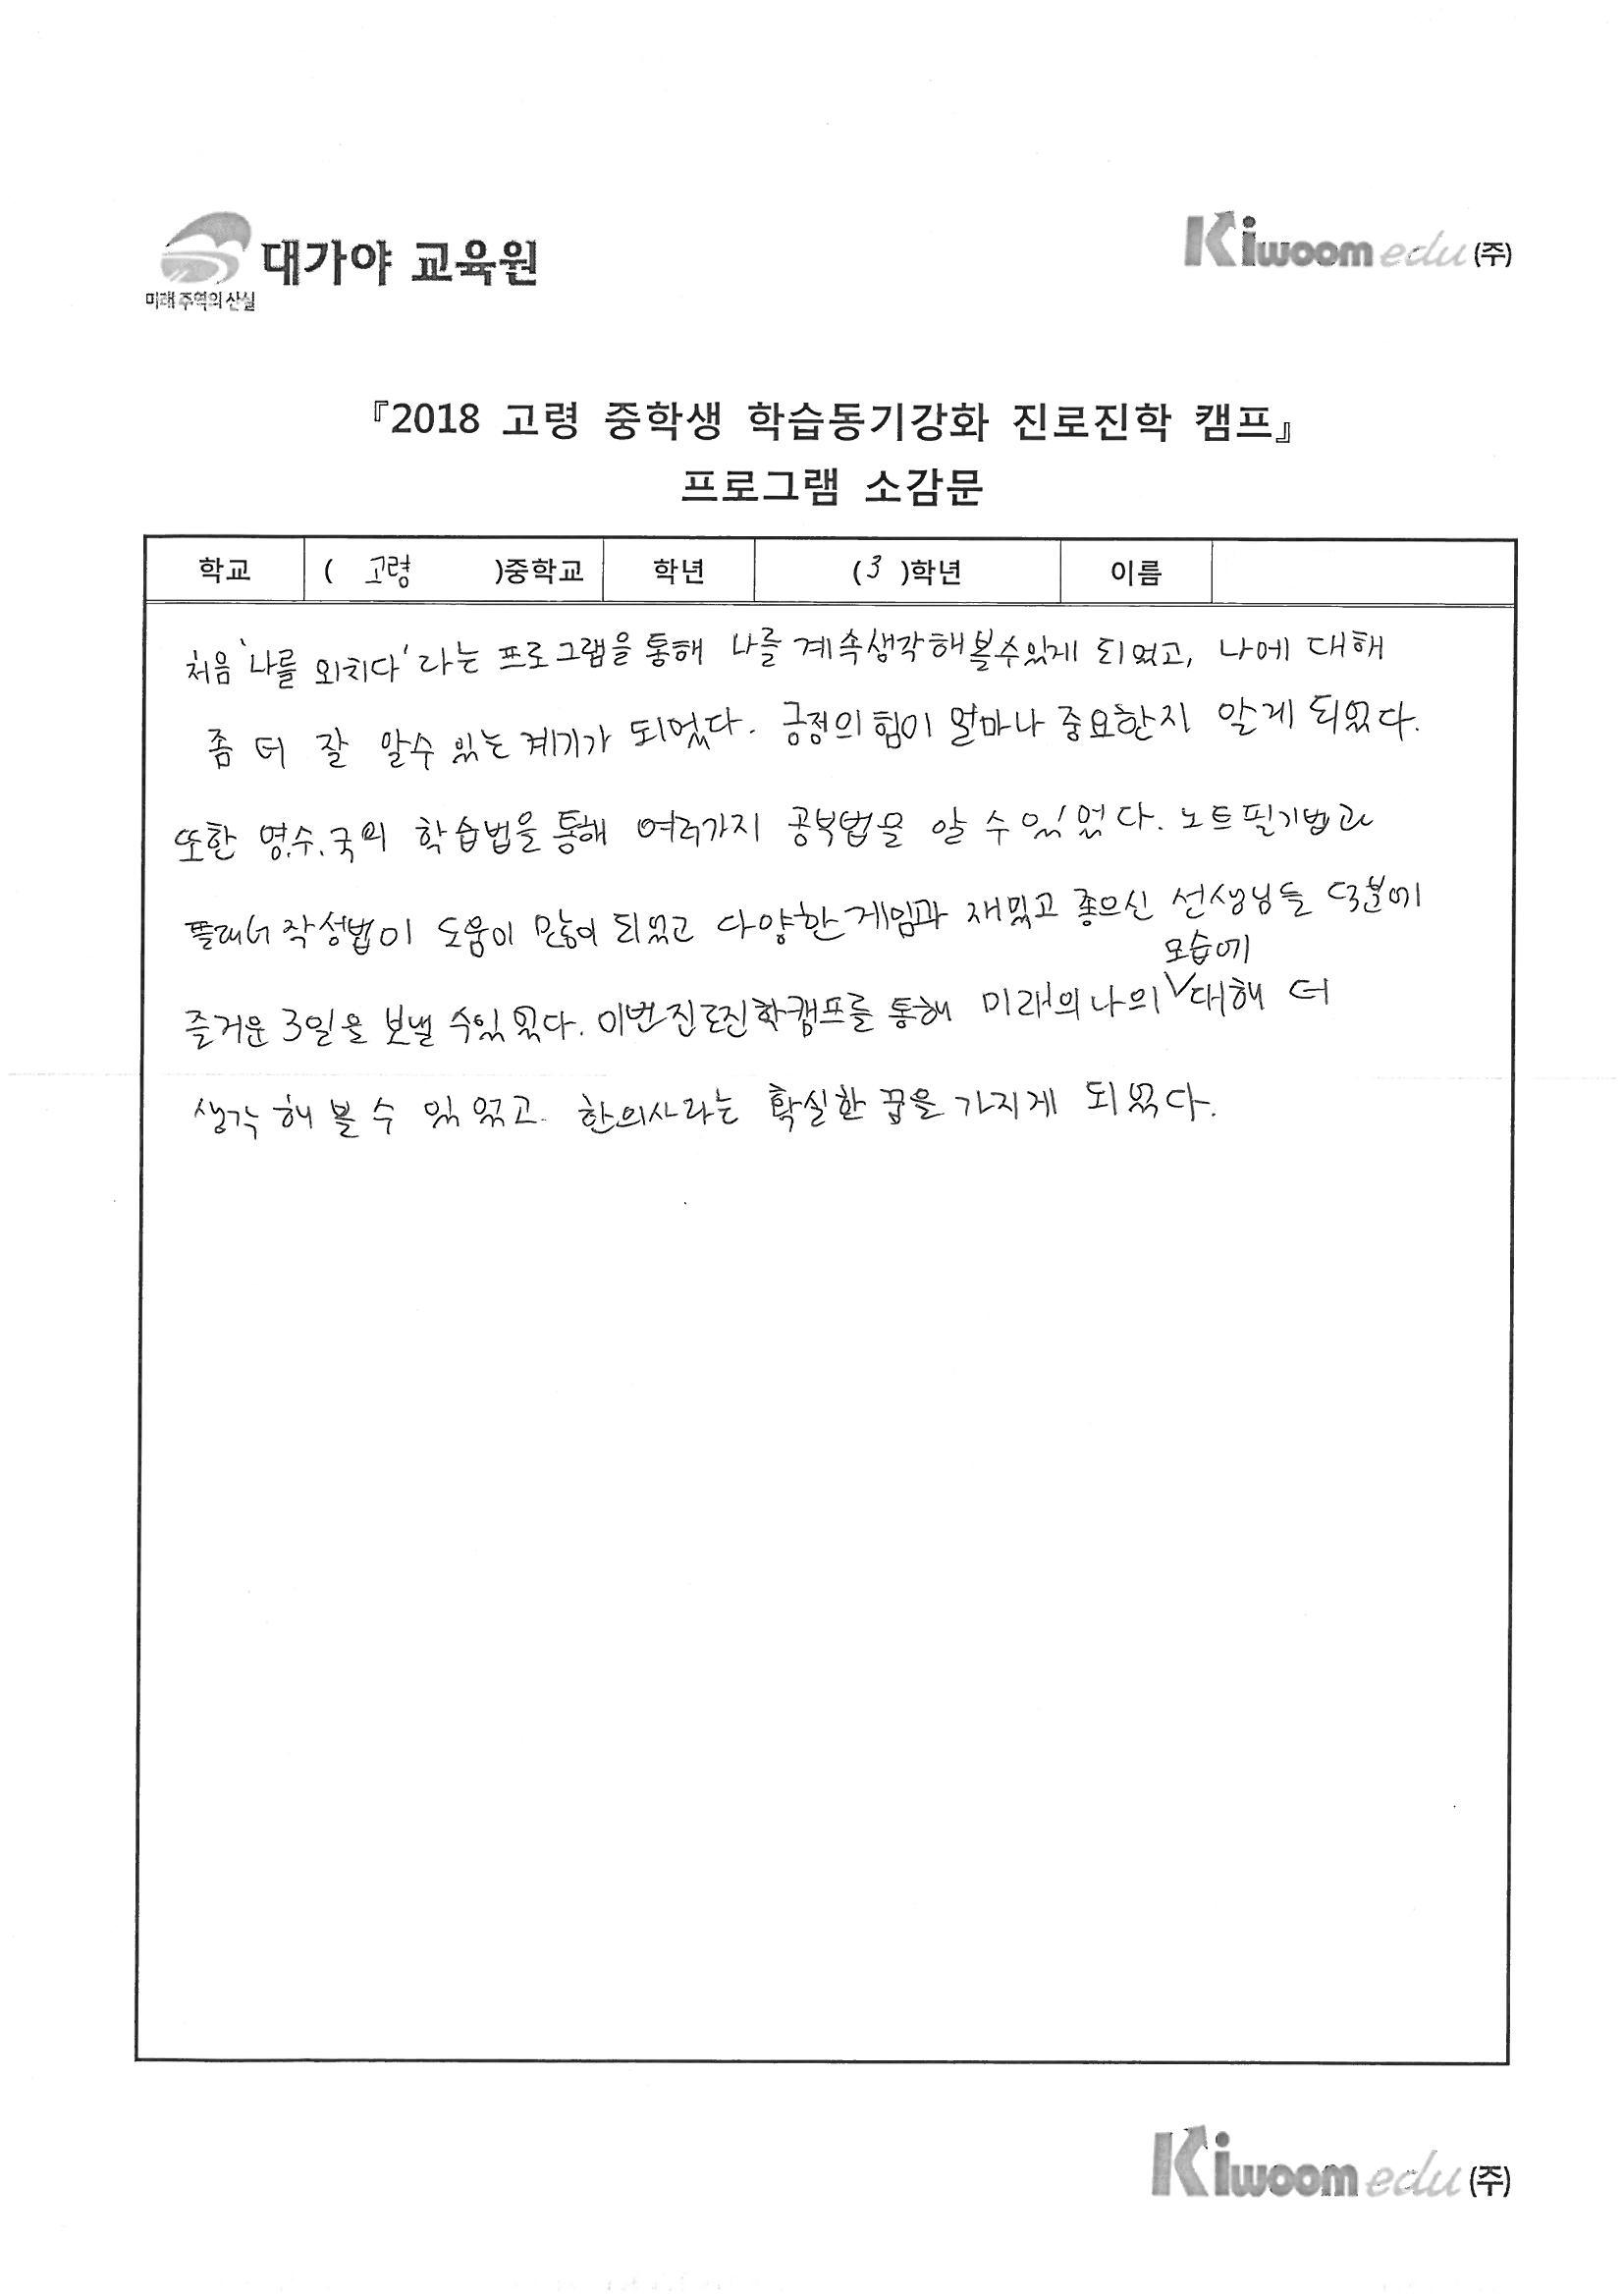 배려반 소감문_Page_10.jpg